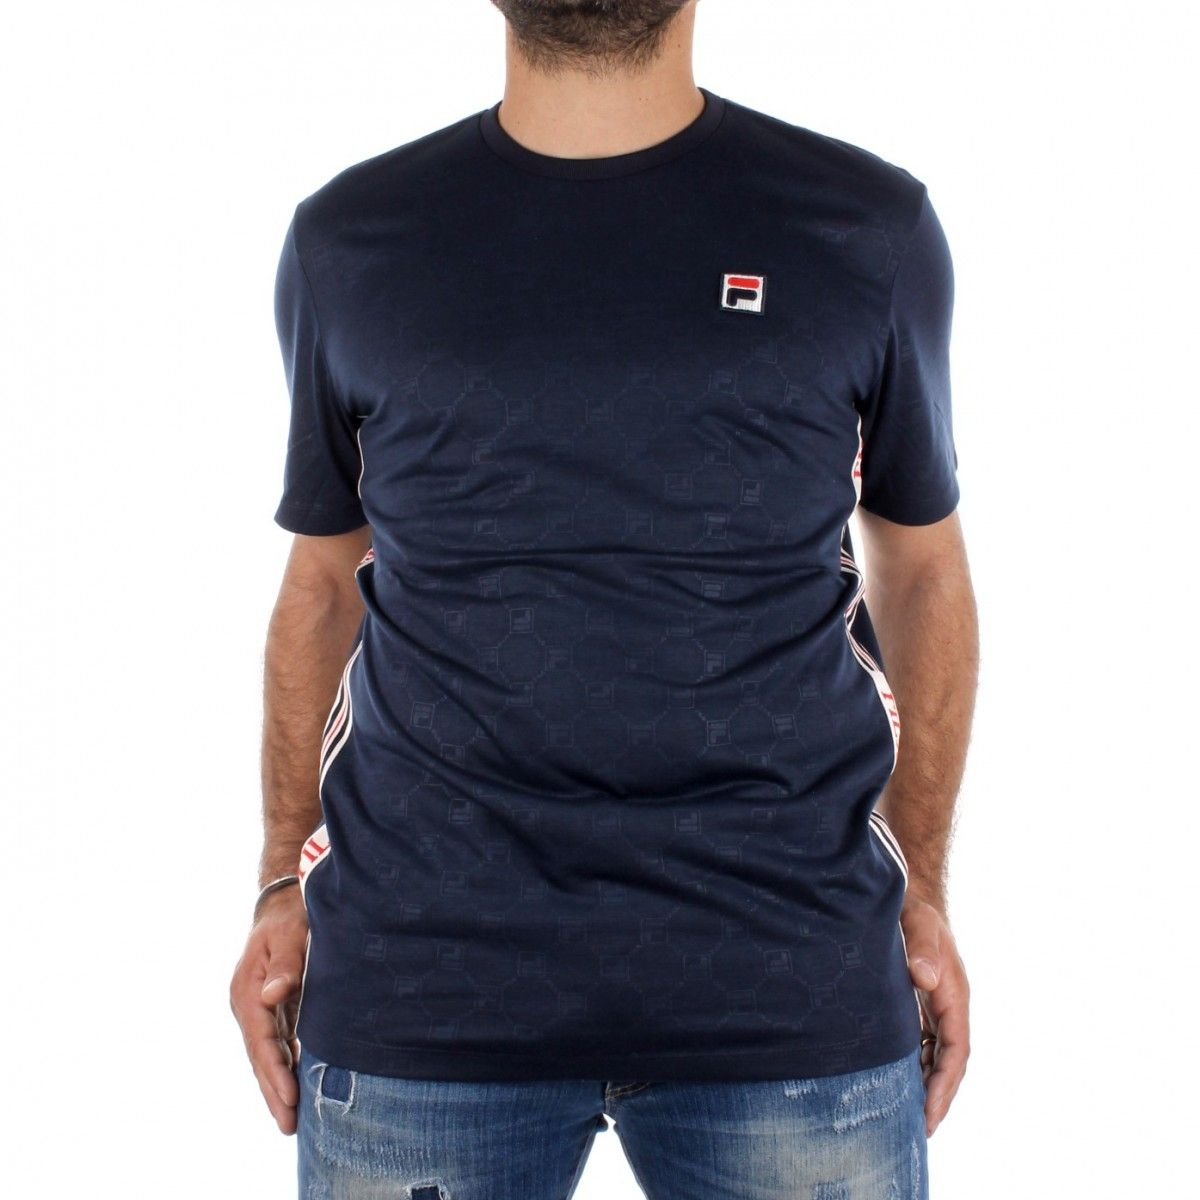 Fila T-shirt Blu Nariman...